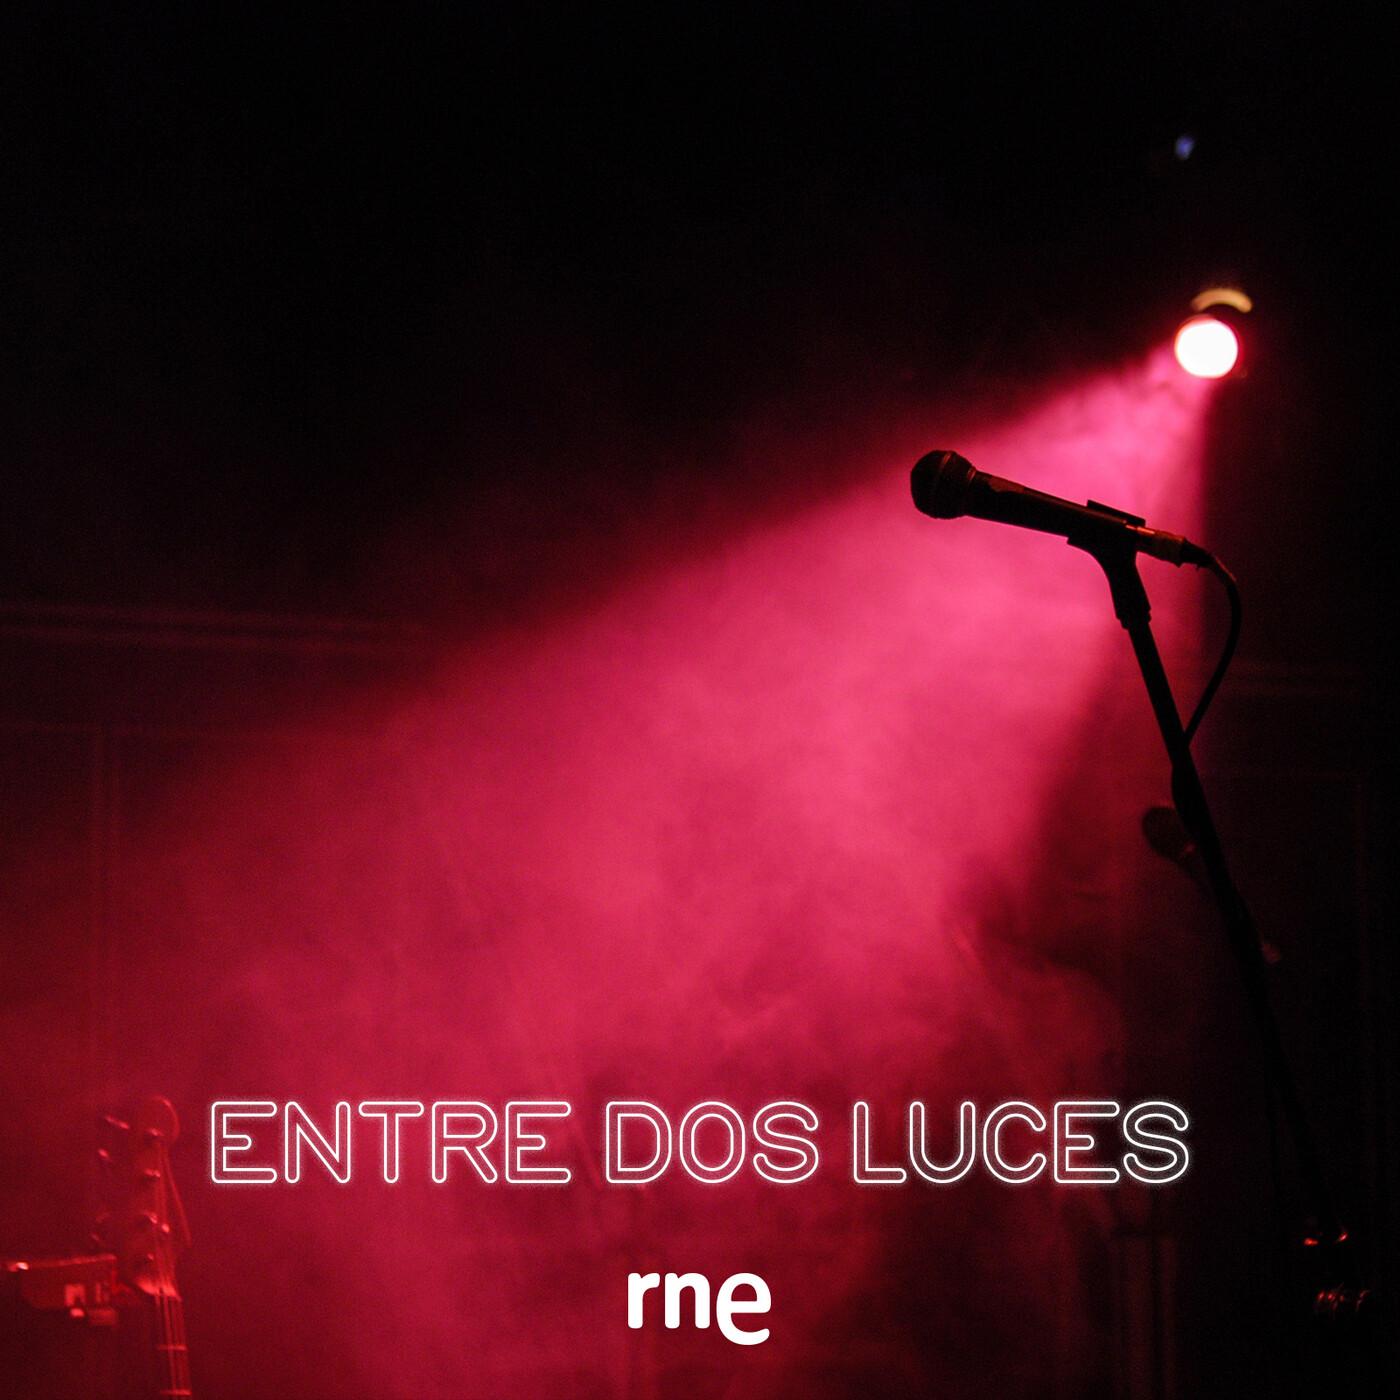 Entre dos luces - Galdós y la música - 20/10/20